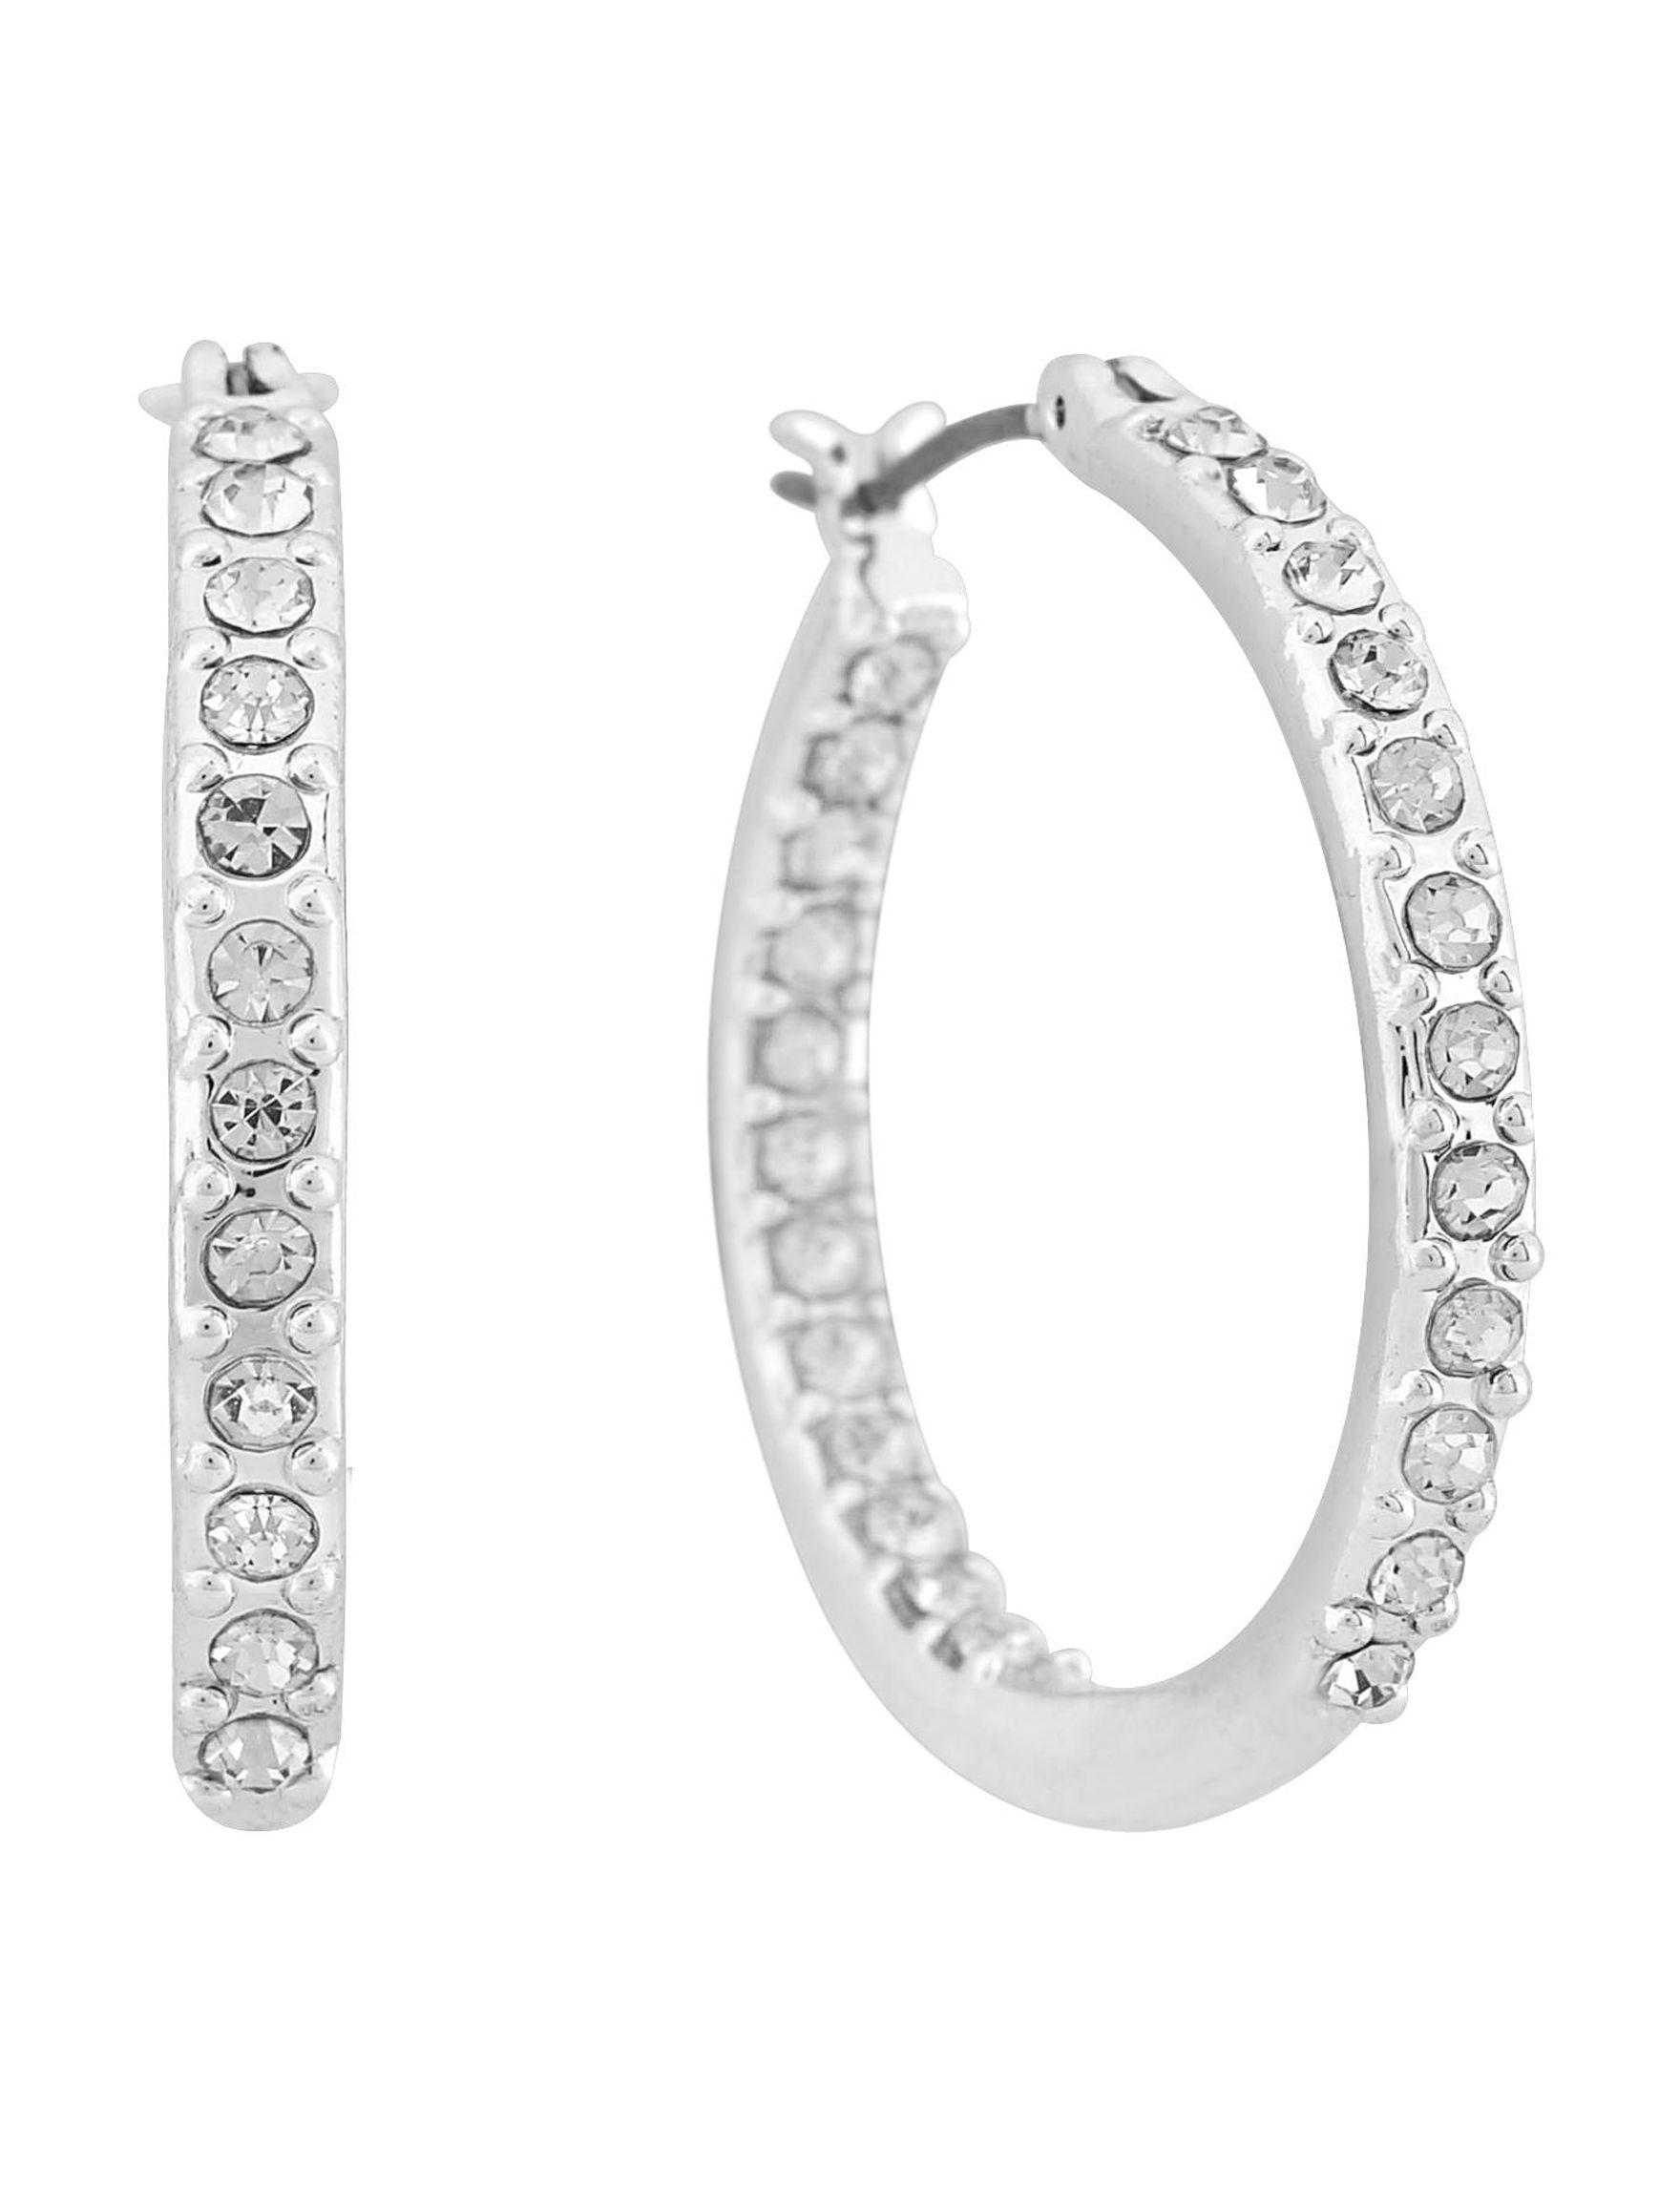 Gloria Vanderbilt Silver Hoops Earrings Fashion Jewelry